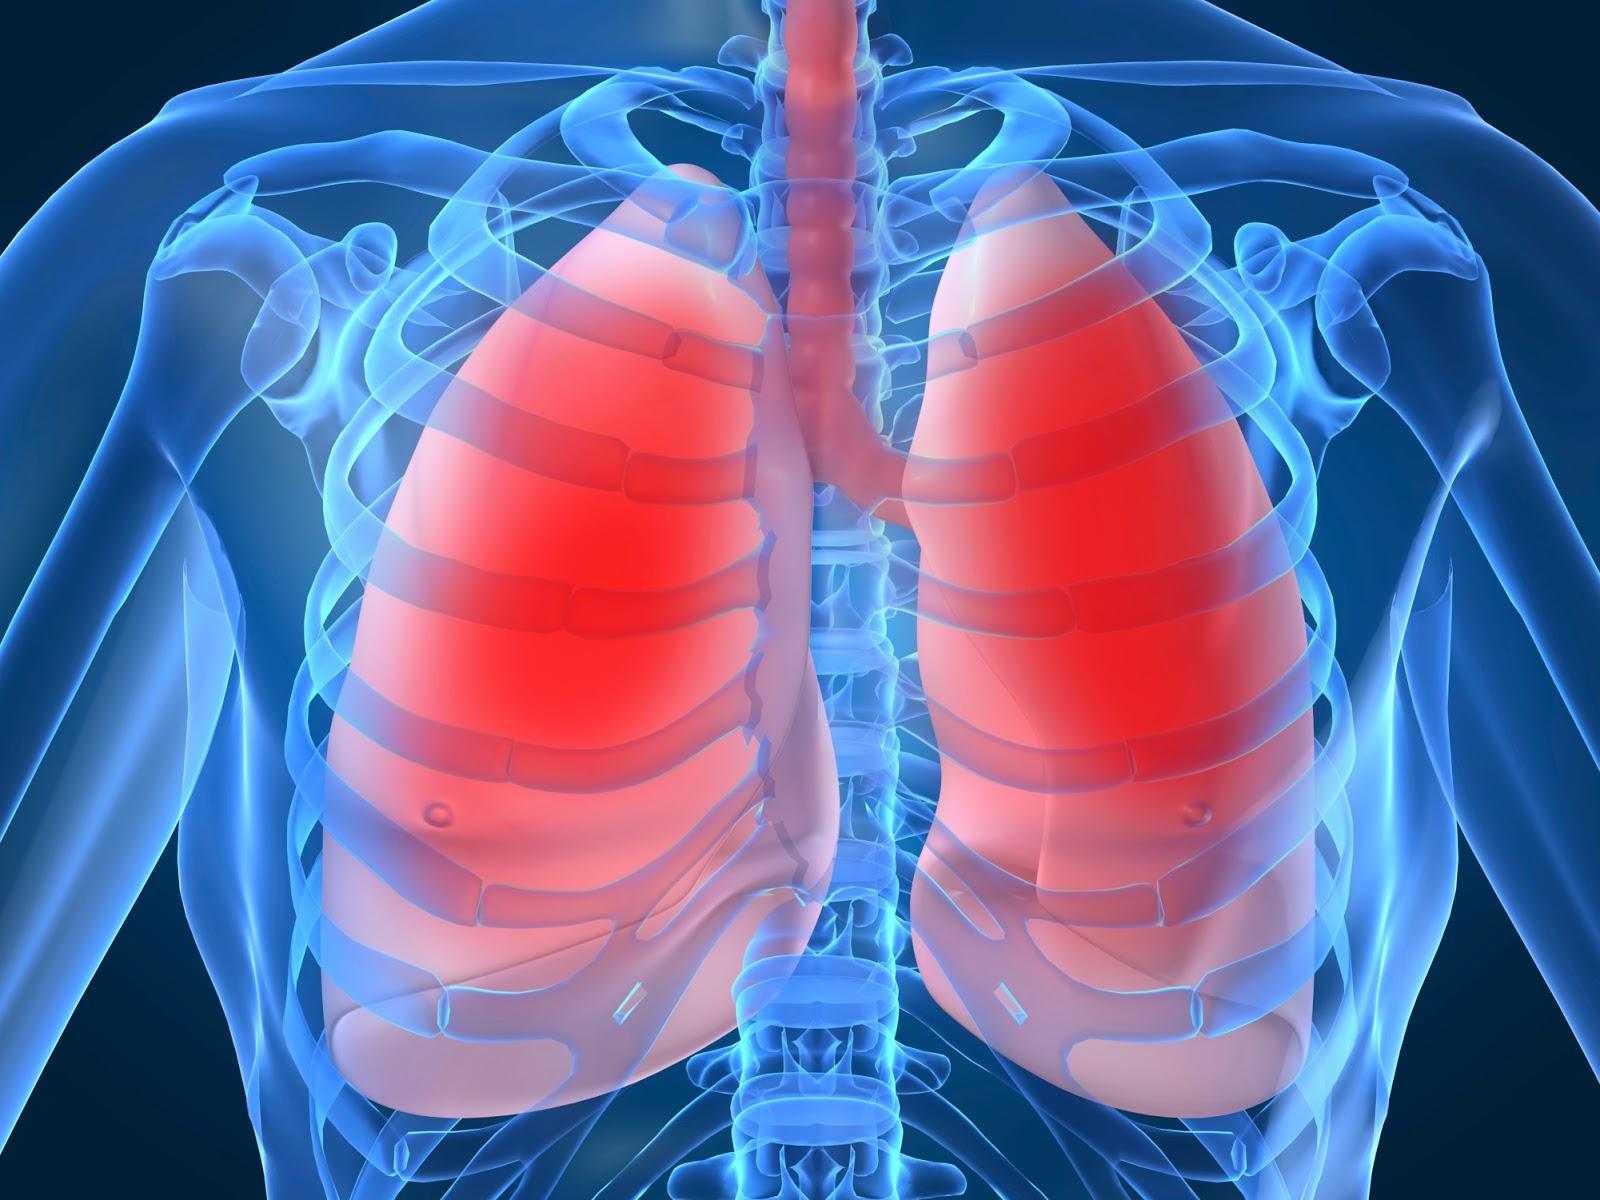 Πως να κρατήσετε υγιείς τους πνεύμονες σας